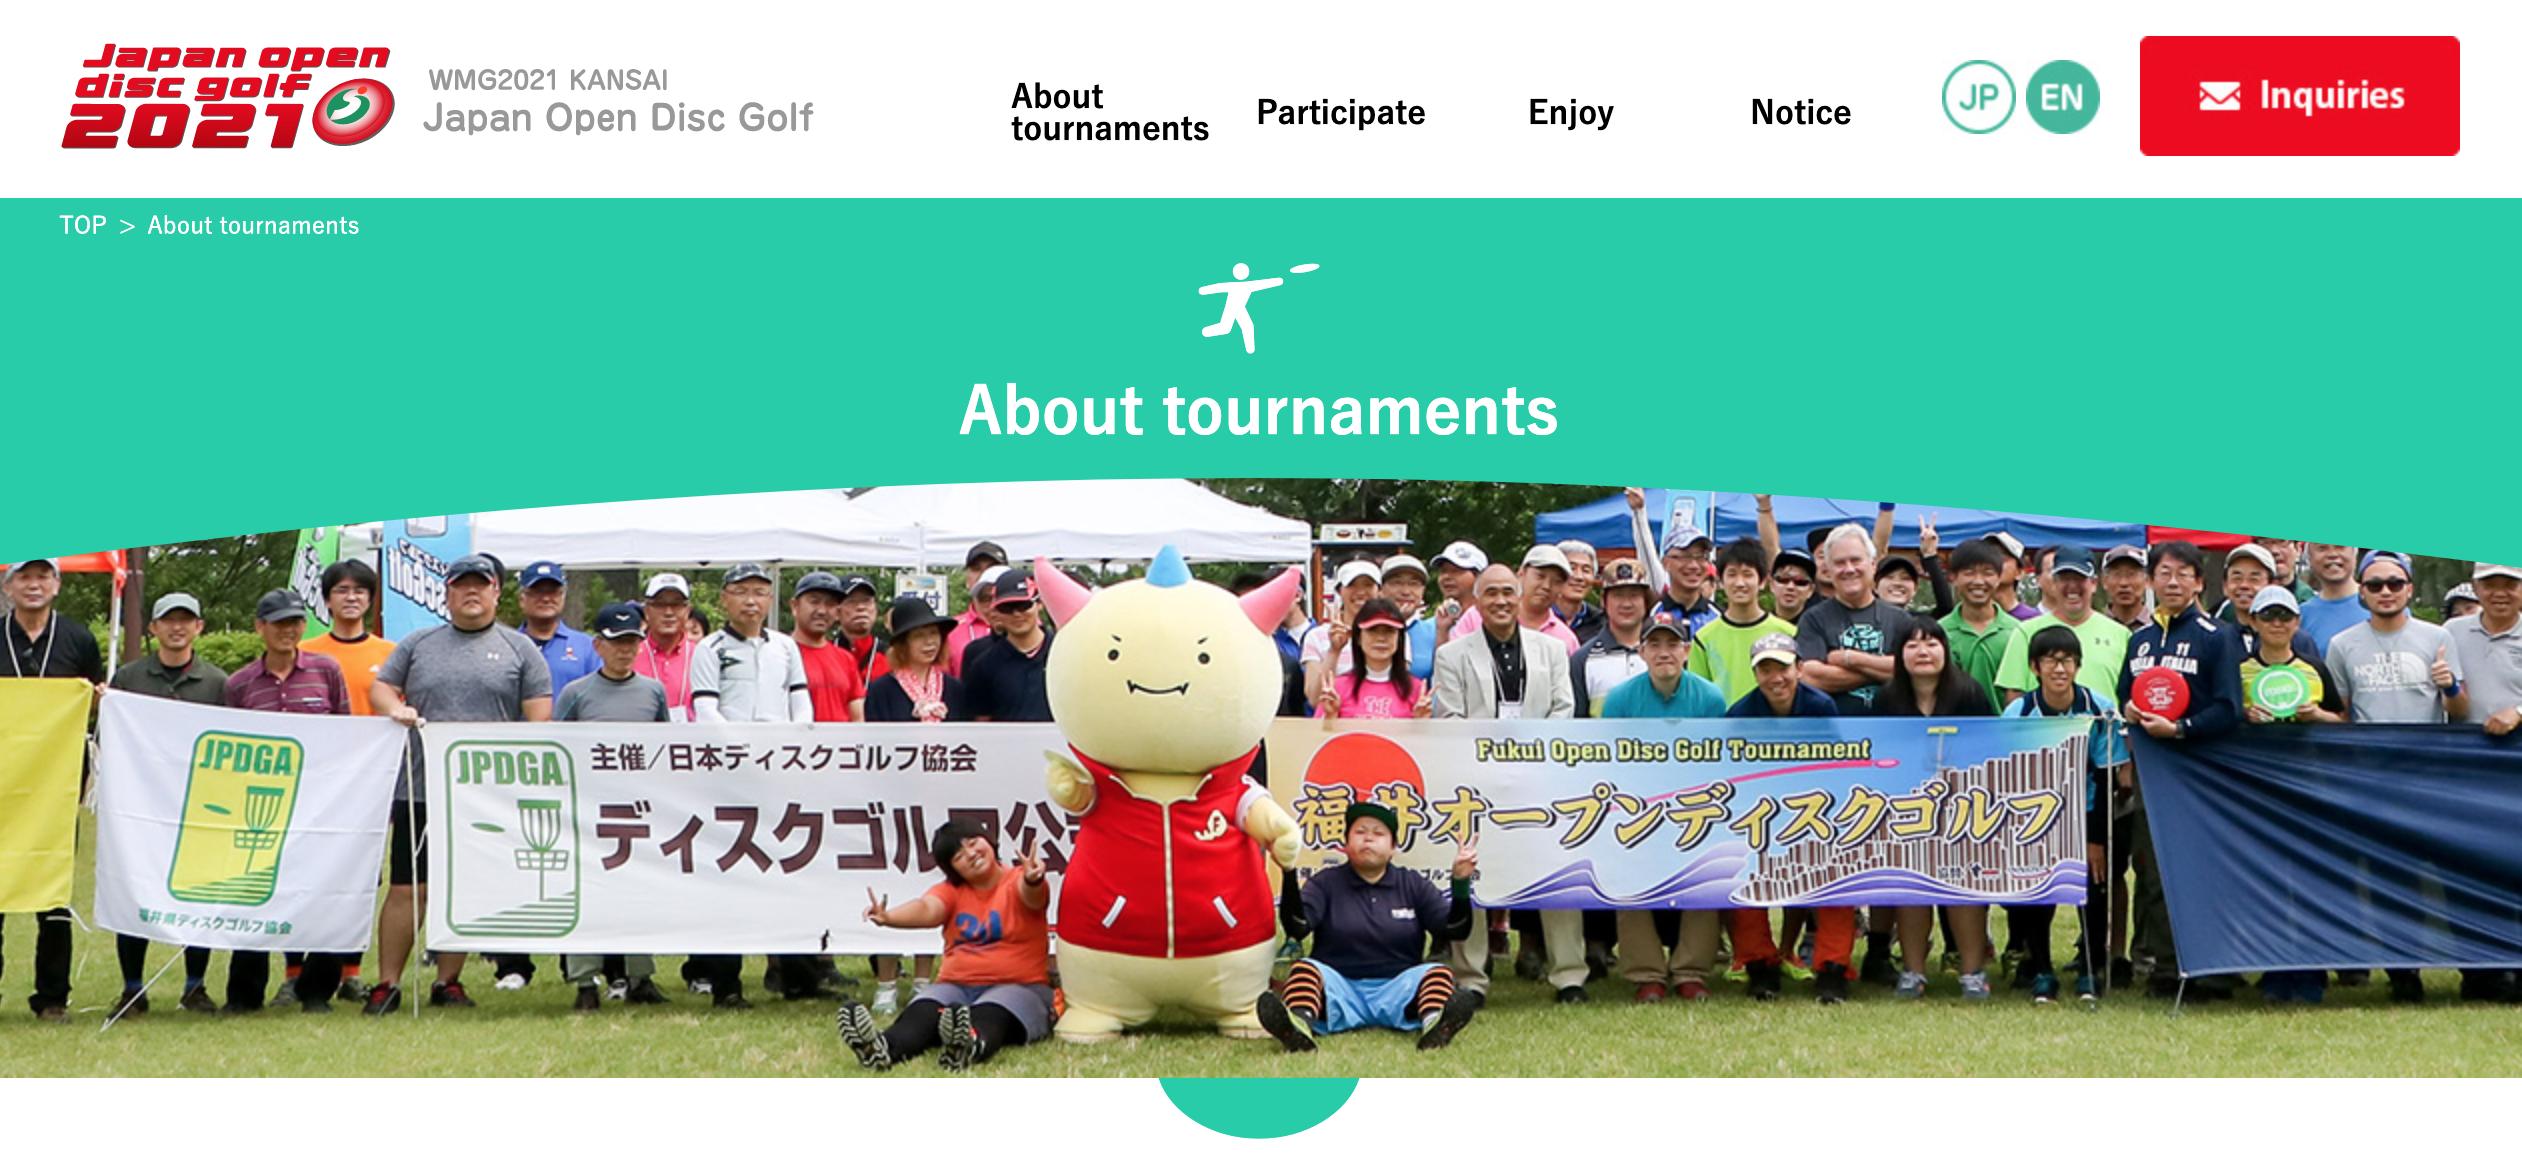 《2021年日本飞盘高尔夫公开赛通知》